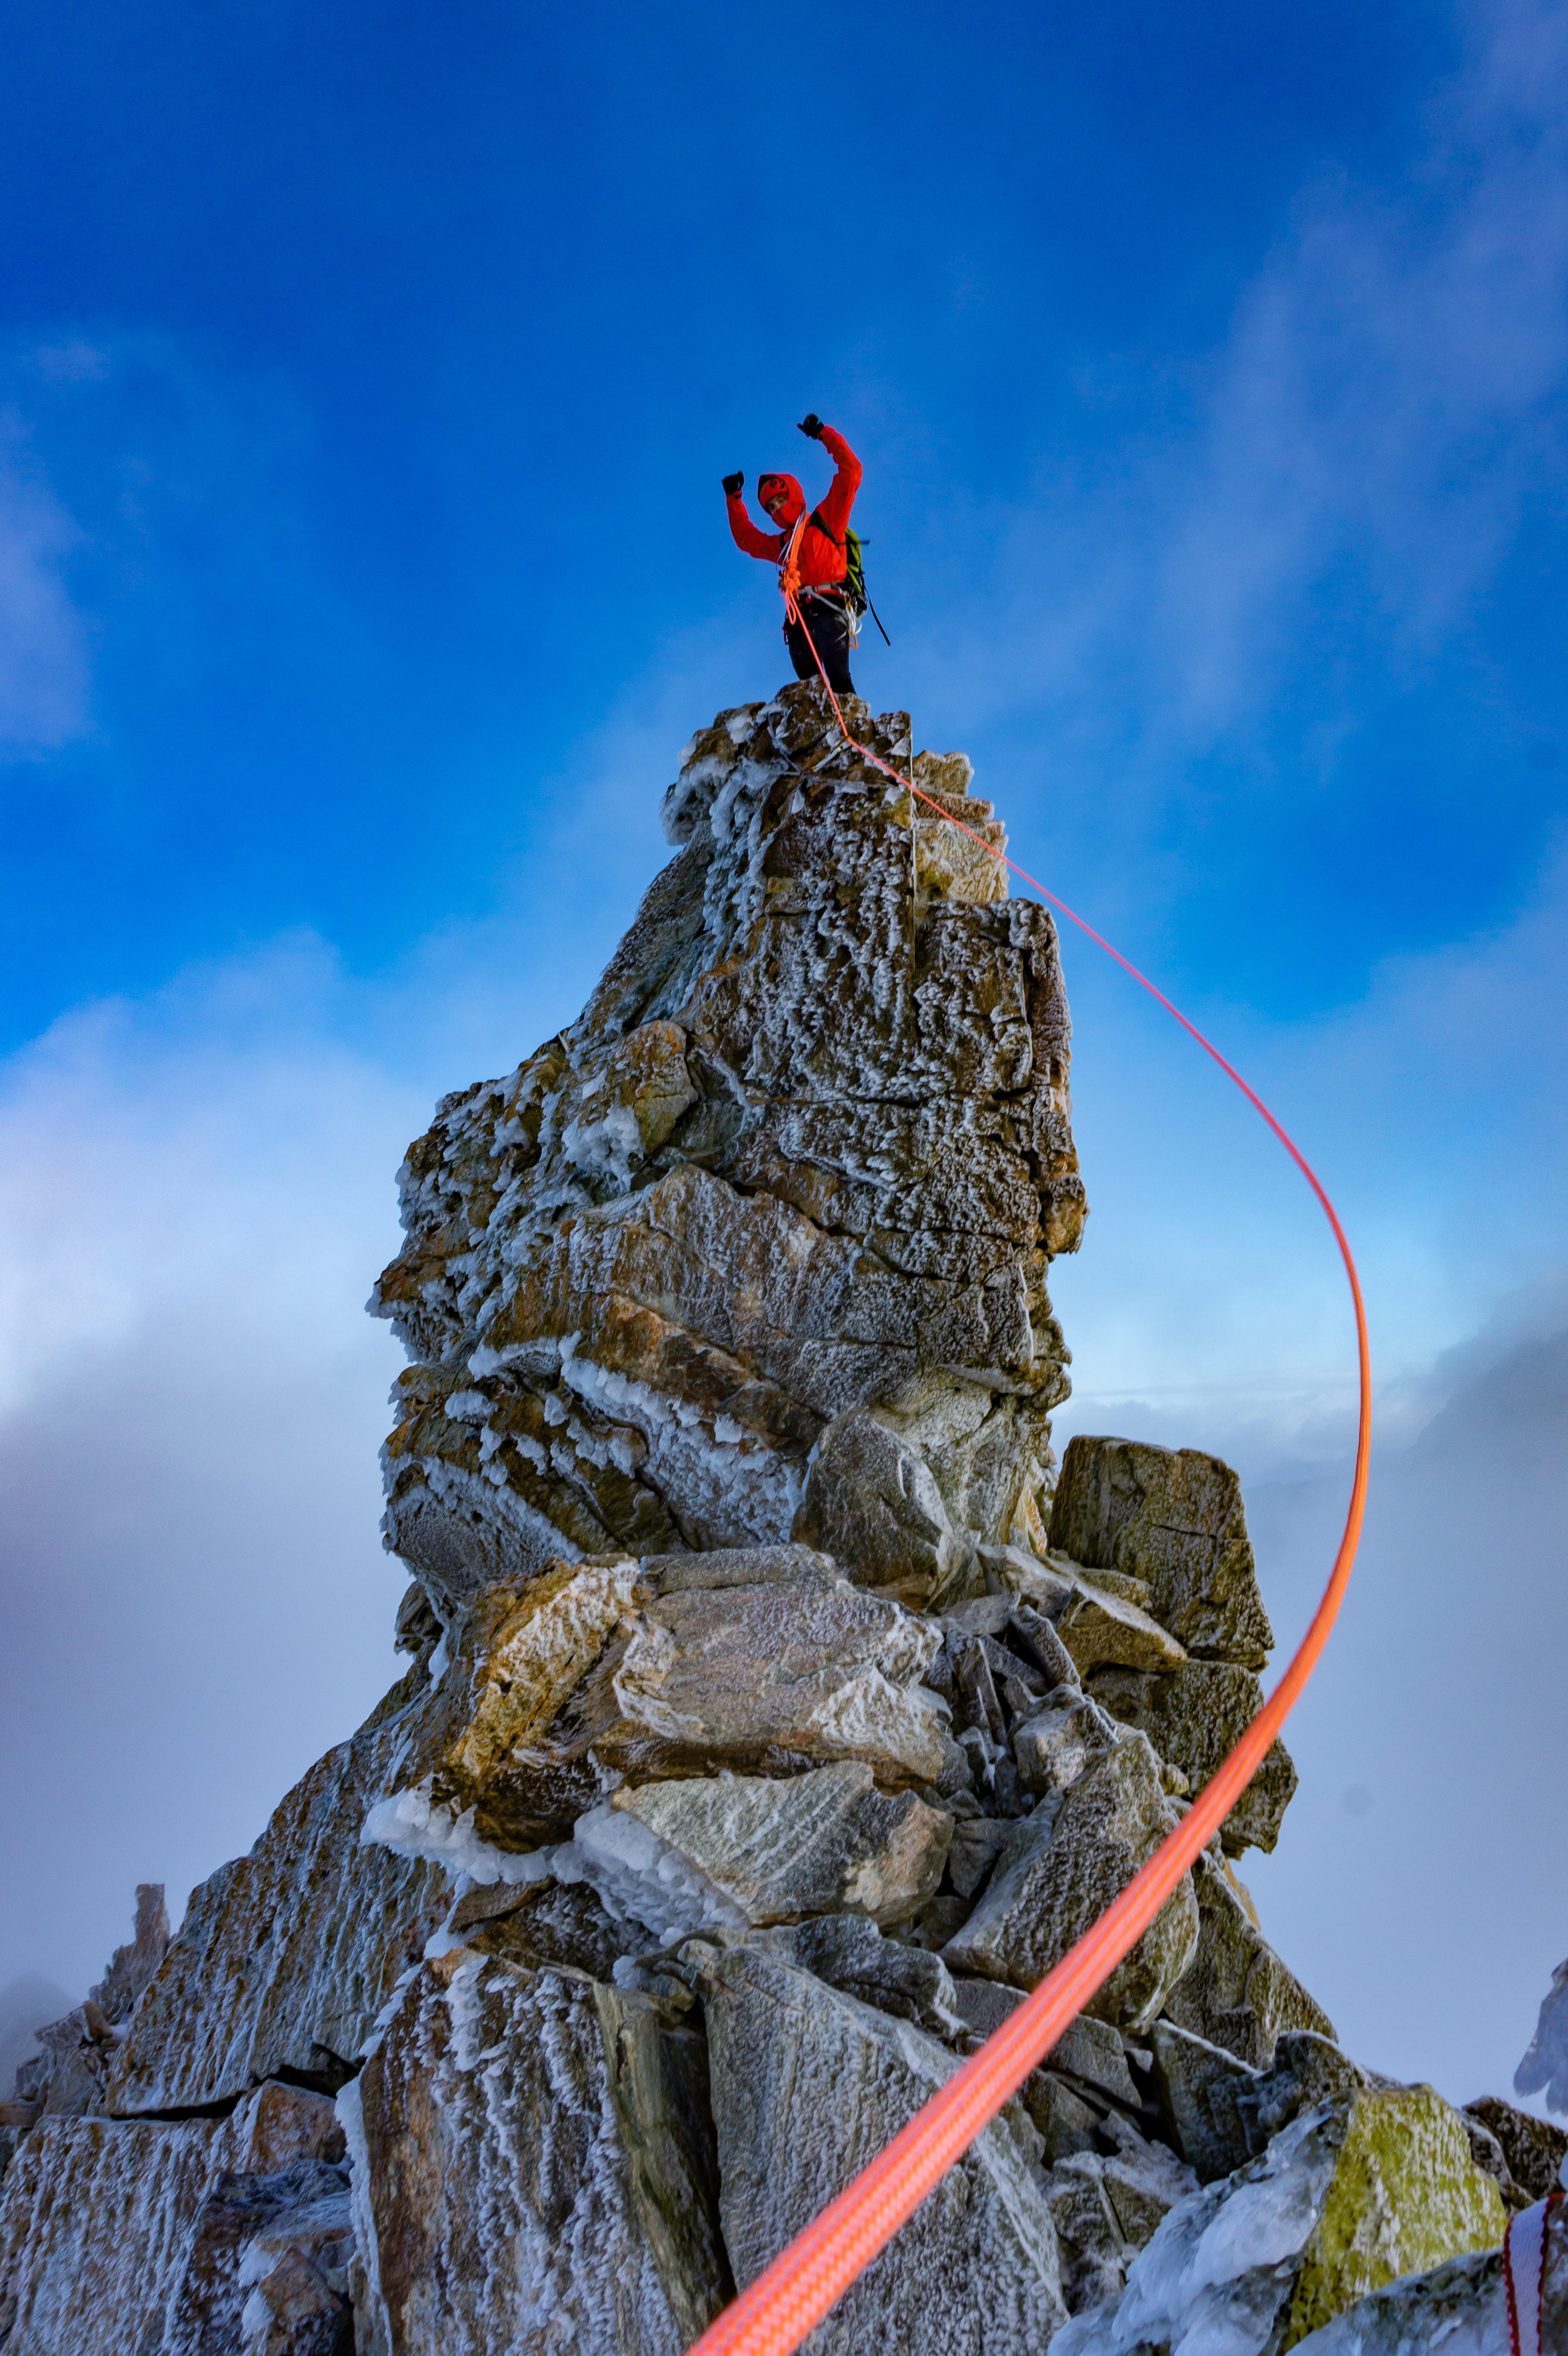 106789 скачать обои Разное, Человек, Альпинист, Скала, Вершина, Спорт - заставки и картинки бесплатно